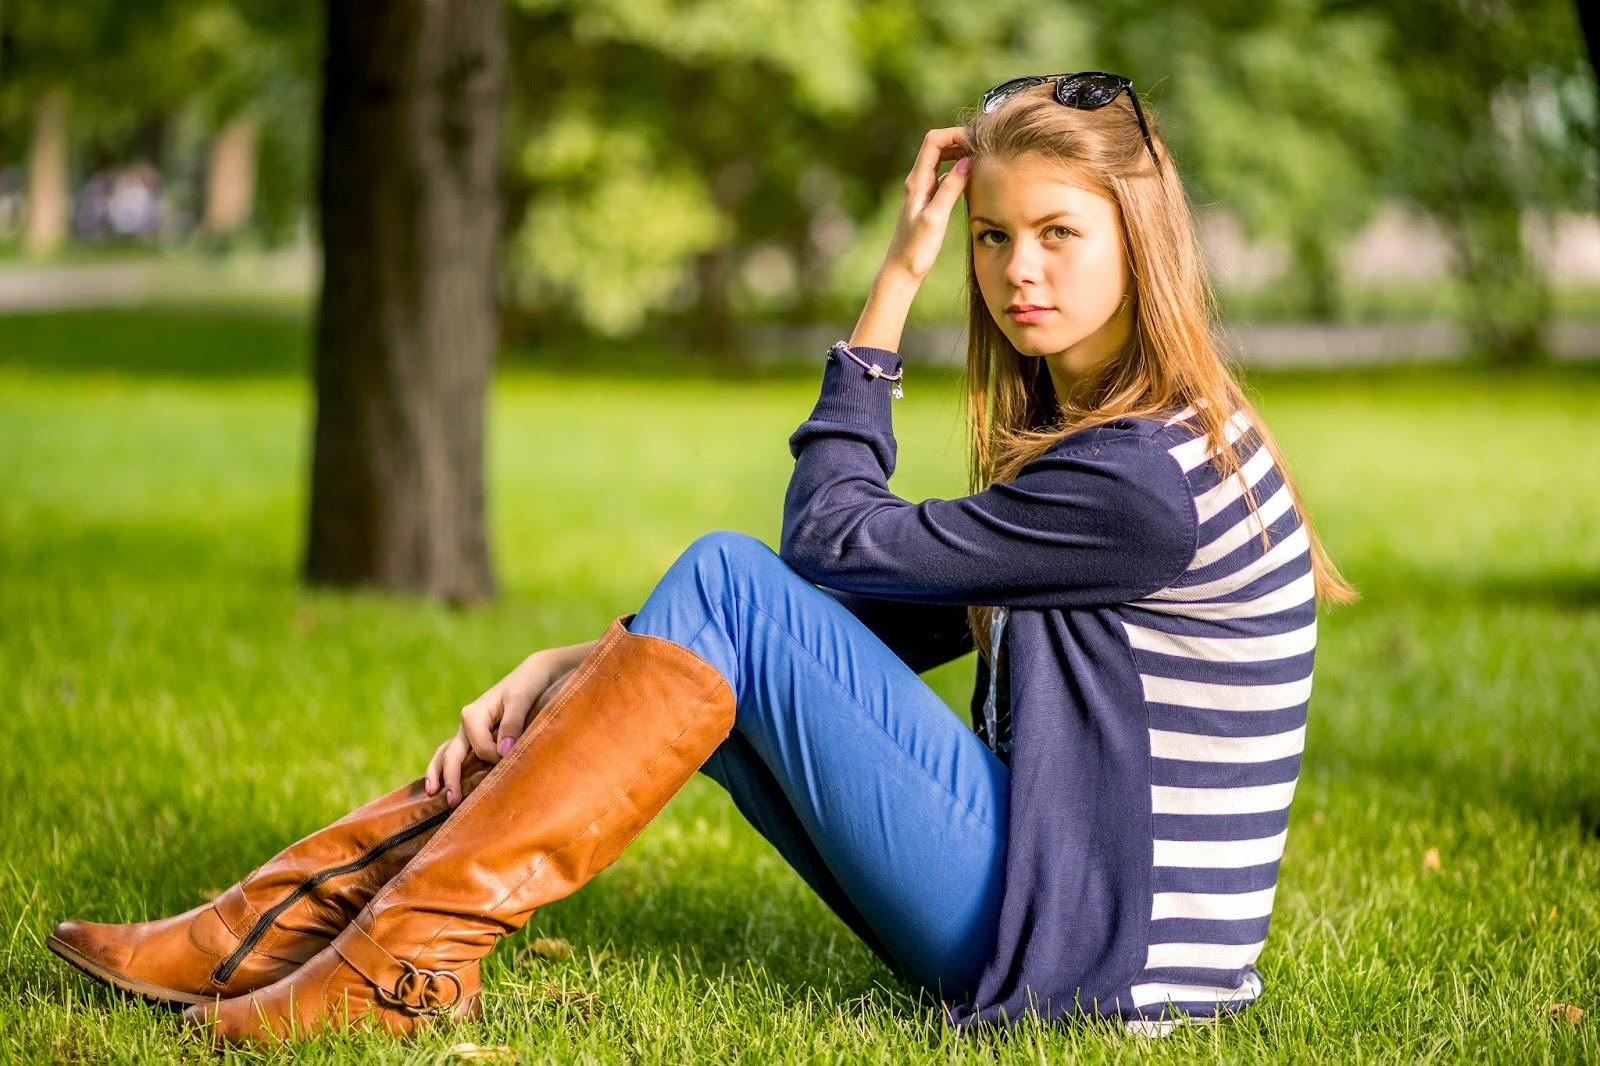 девушка в парке, индивидуальная фотосессия, осень, газон